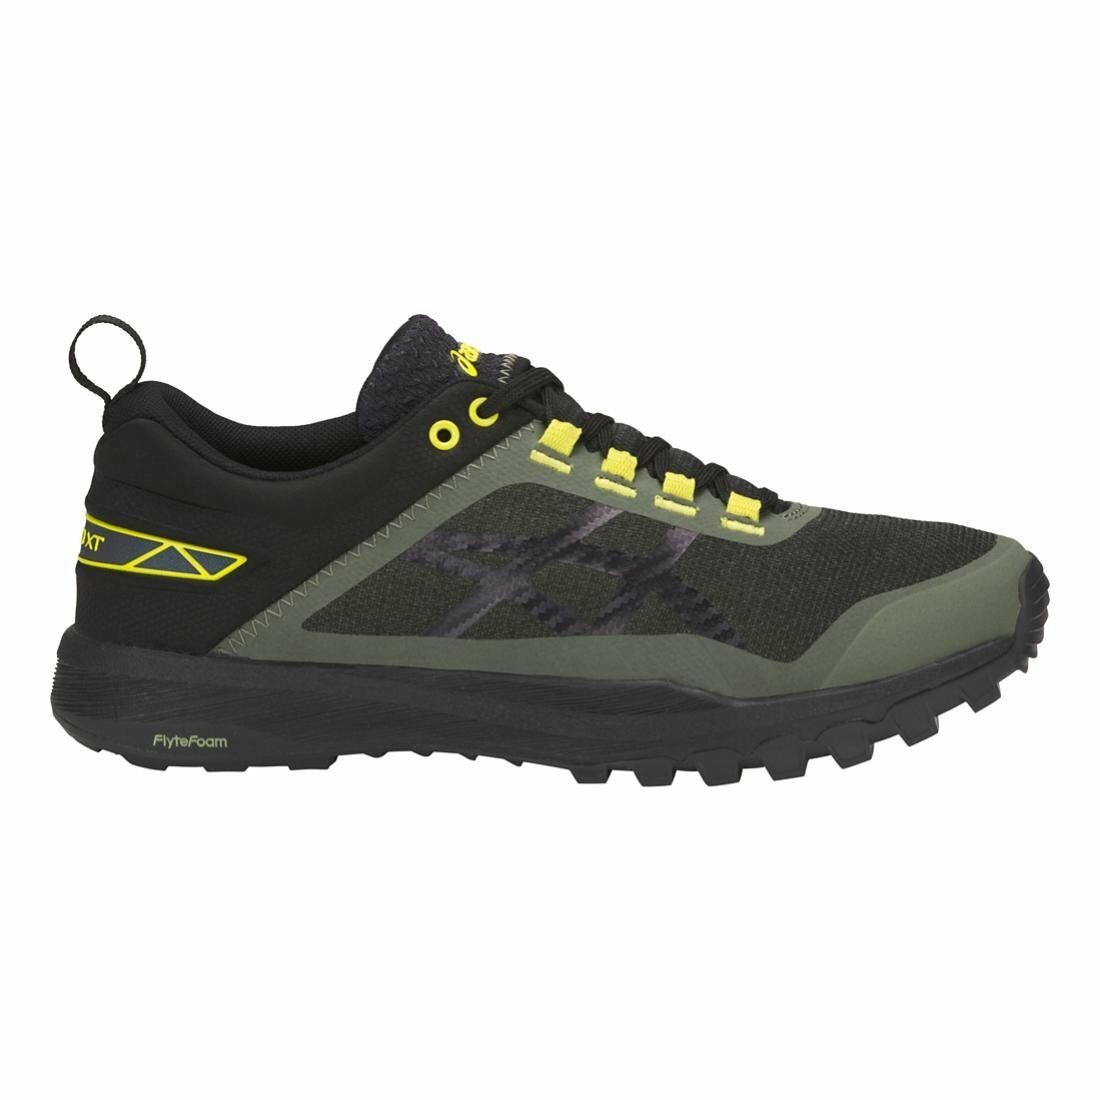 ASICS Women's Gecko XT Running Shoe Four Leaf Clover/Phantom/Sulphur Spring 8.5